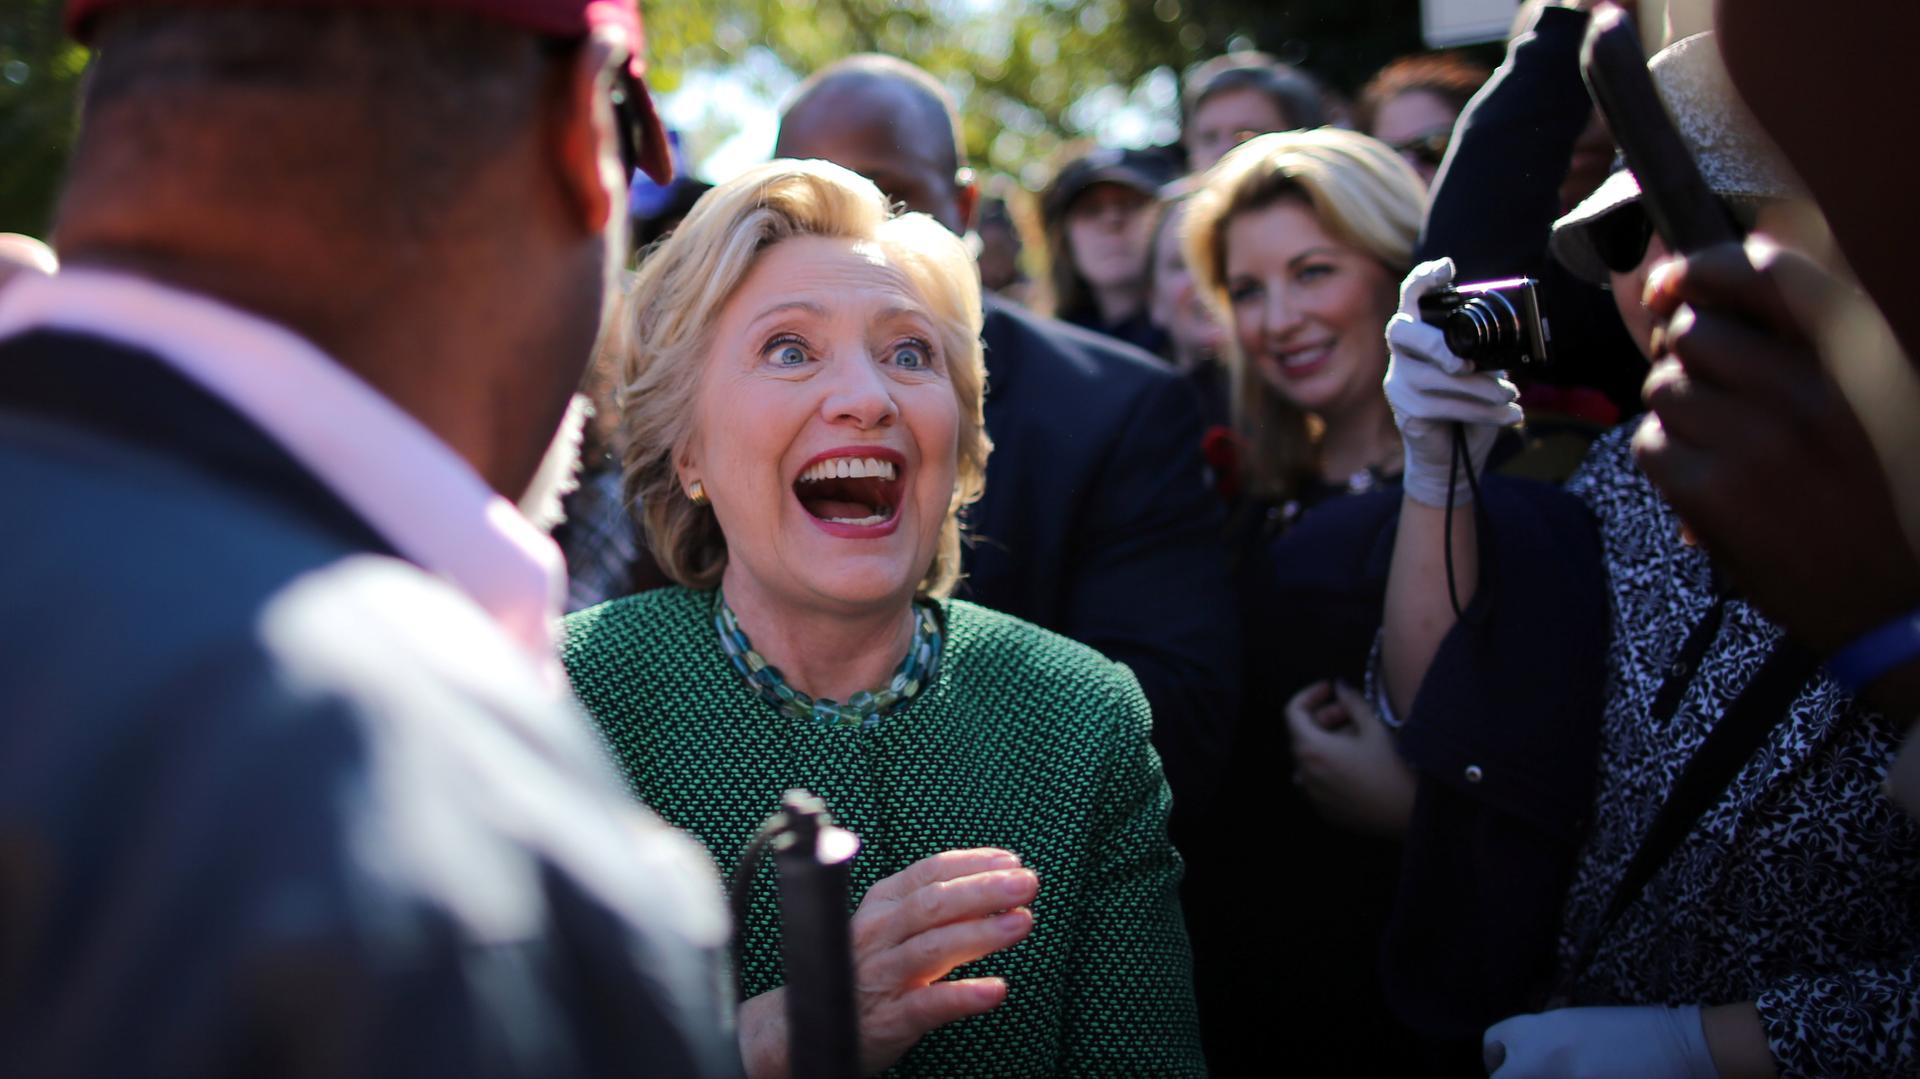 Выберут Клинтон, и она продавит санкции: чего ждут в ЕС от президентских выборов в США